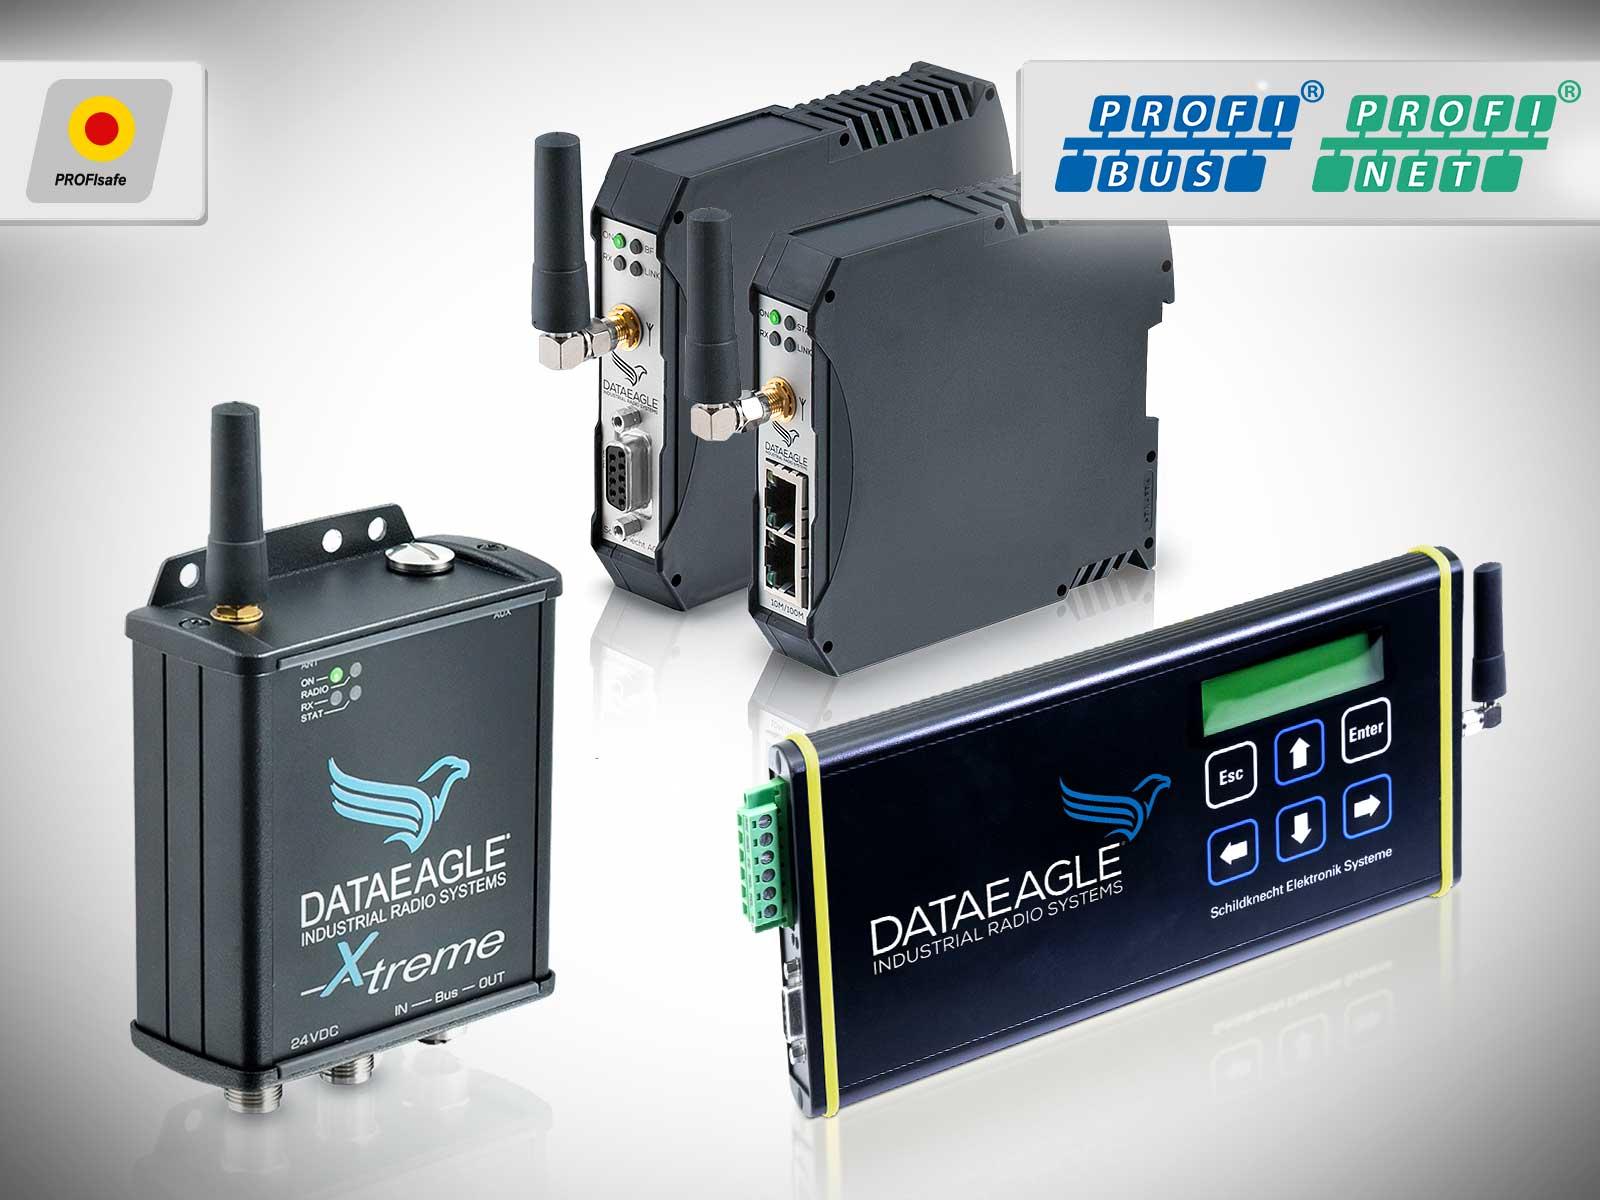 Wireless Profisafe Image